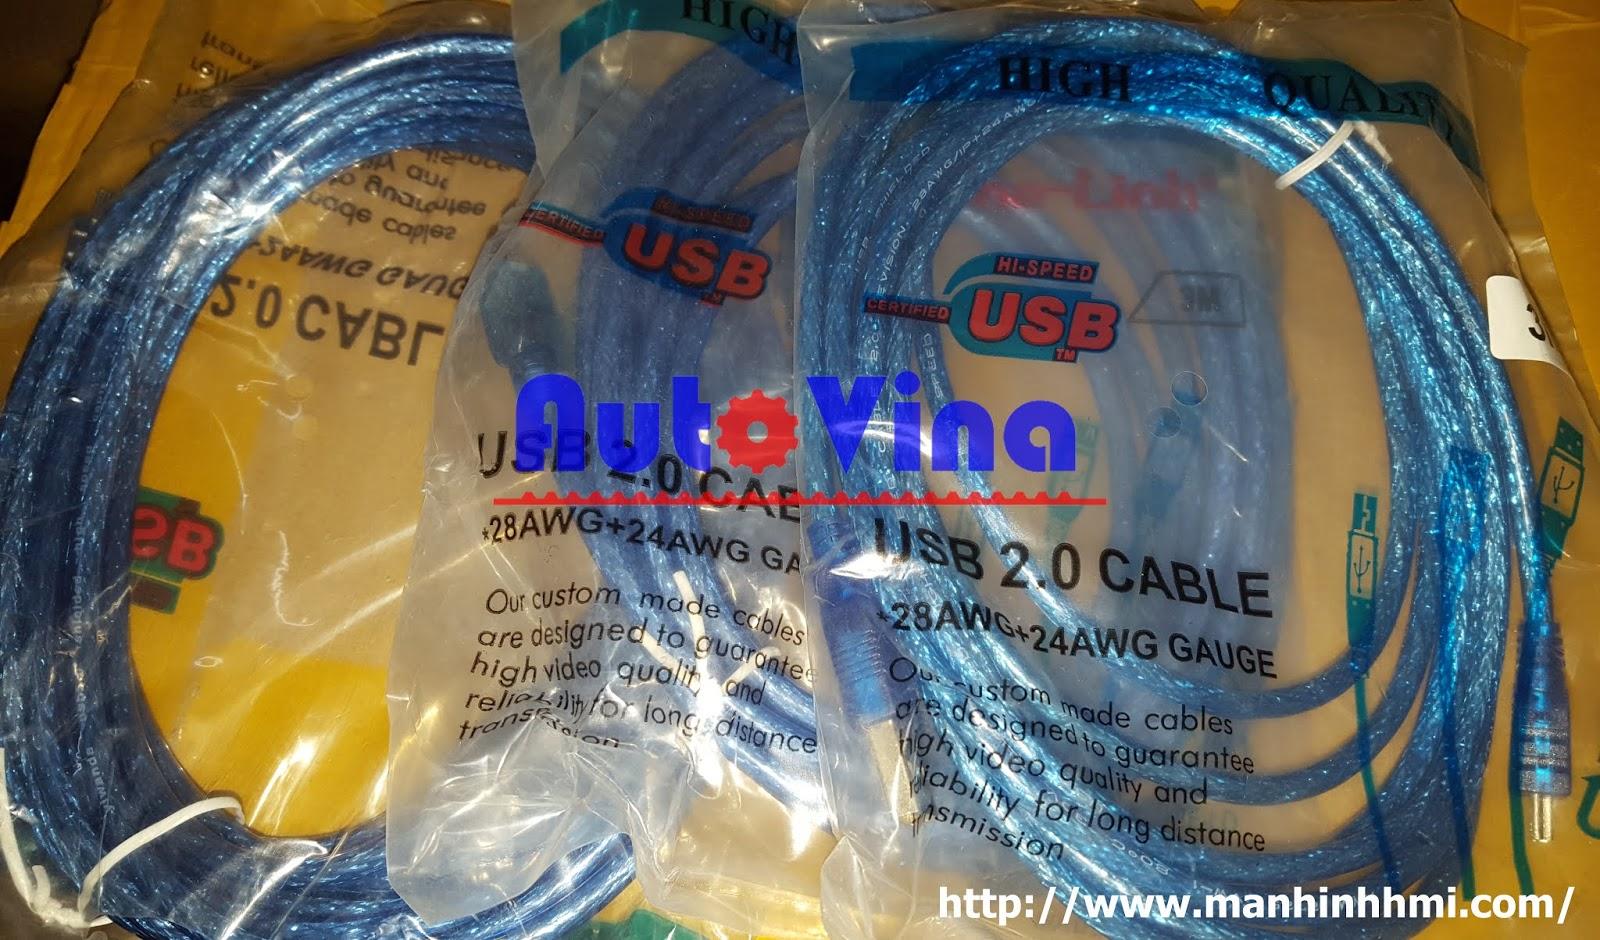 Cable Mini USB, cable nạp chương trình màn hình HMI Samkoon